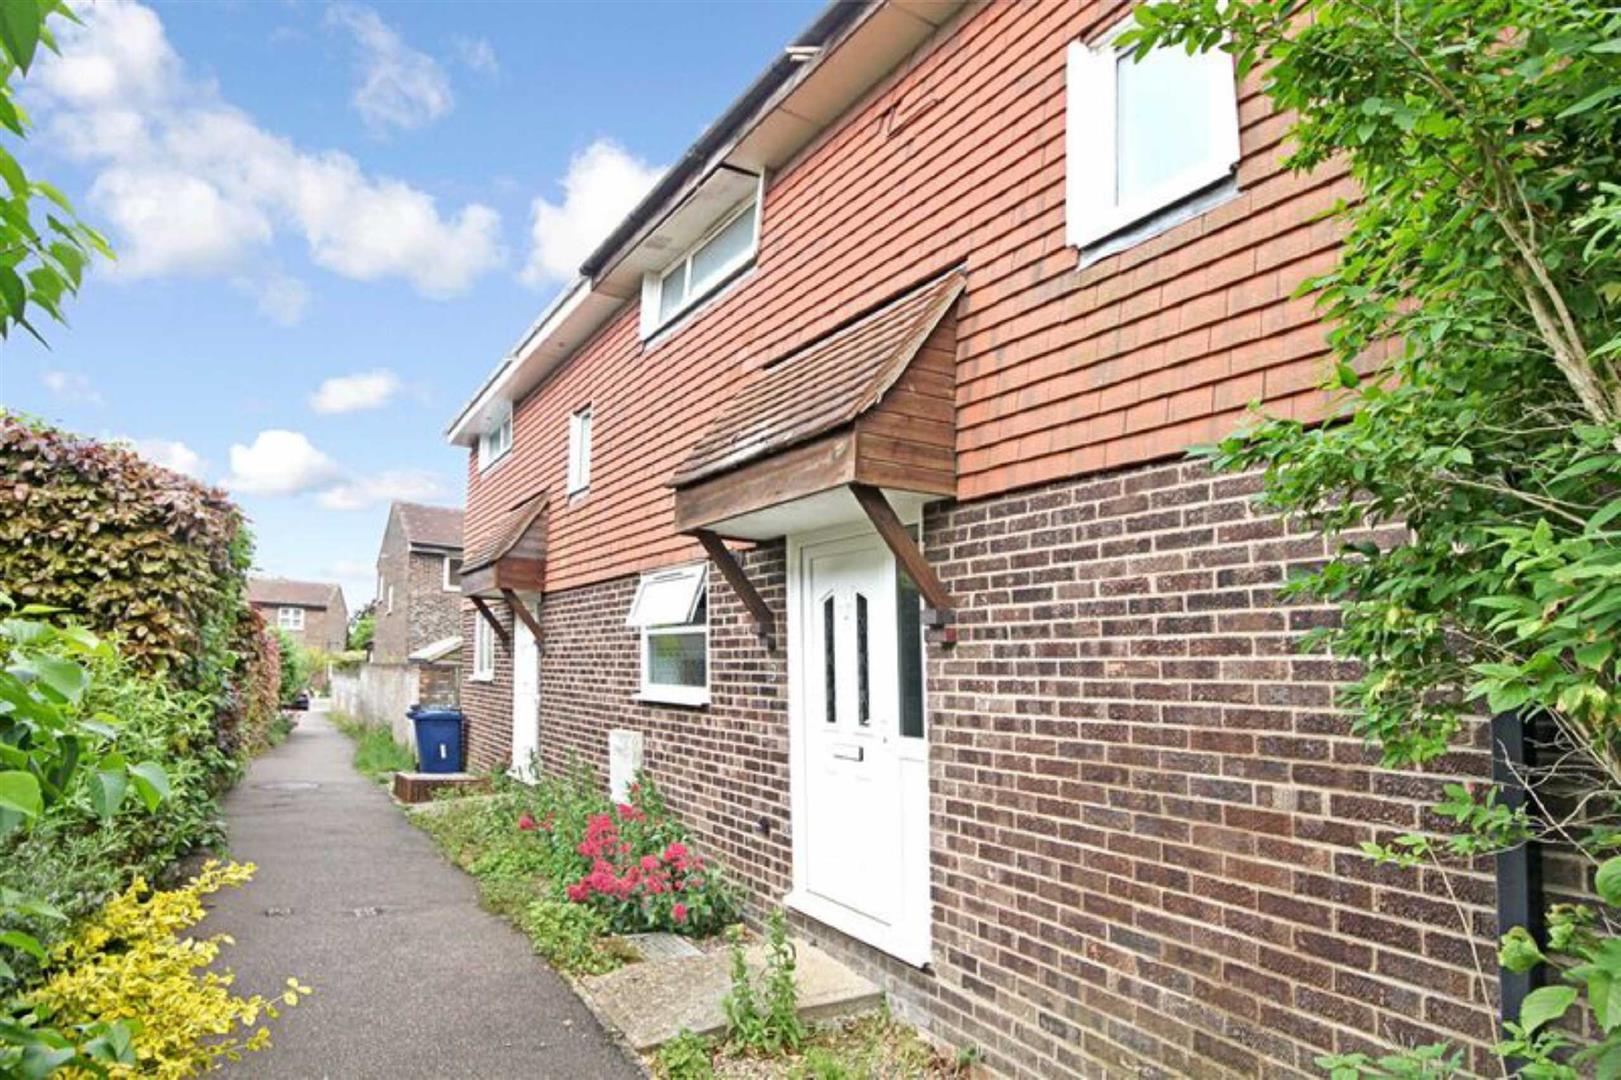 3 Bedrooms Semi Detached House for sale in Merton Walk, Hardwick